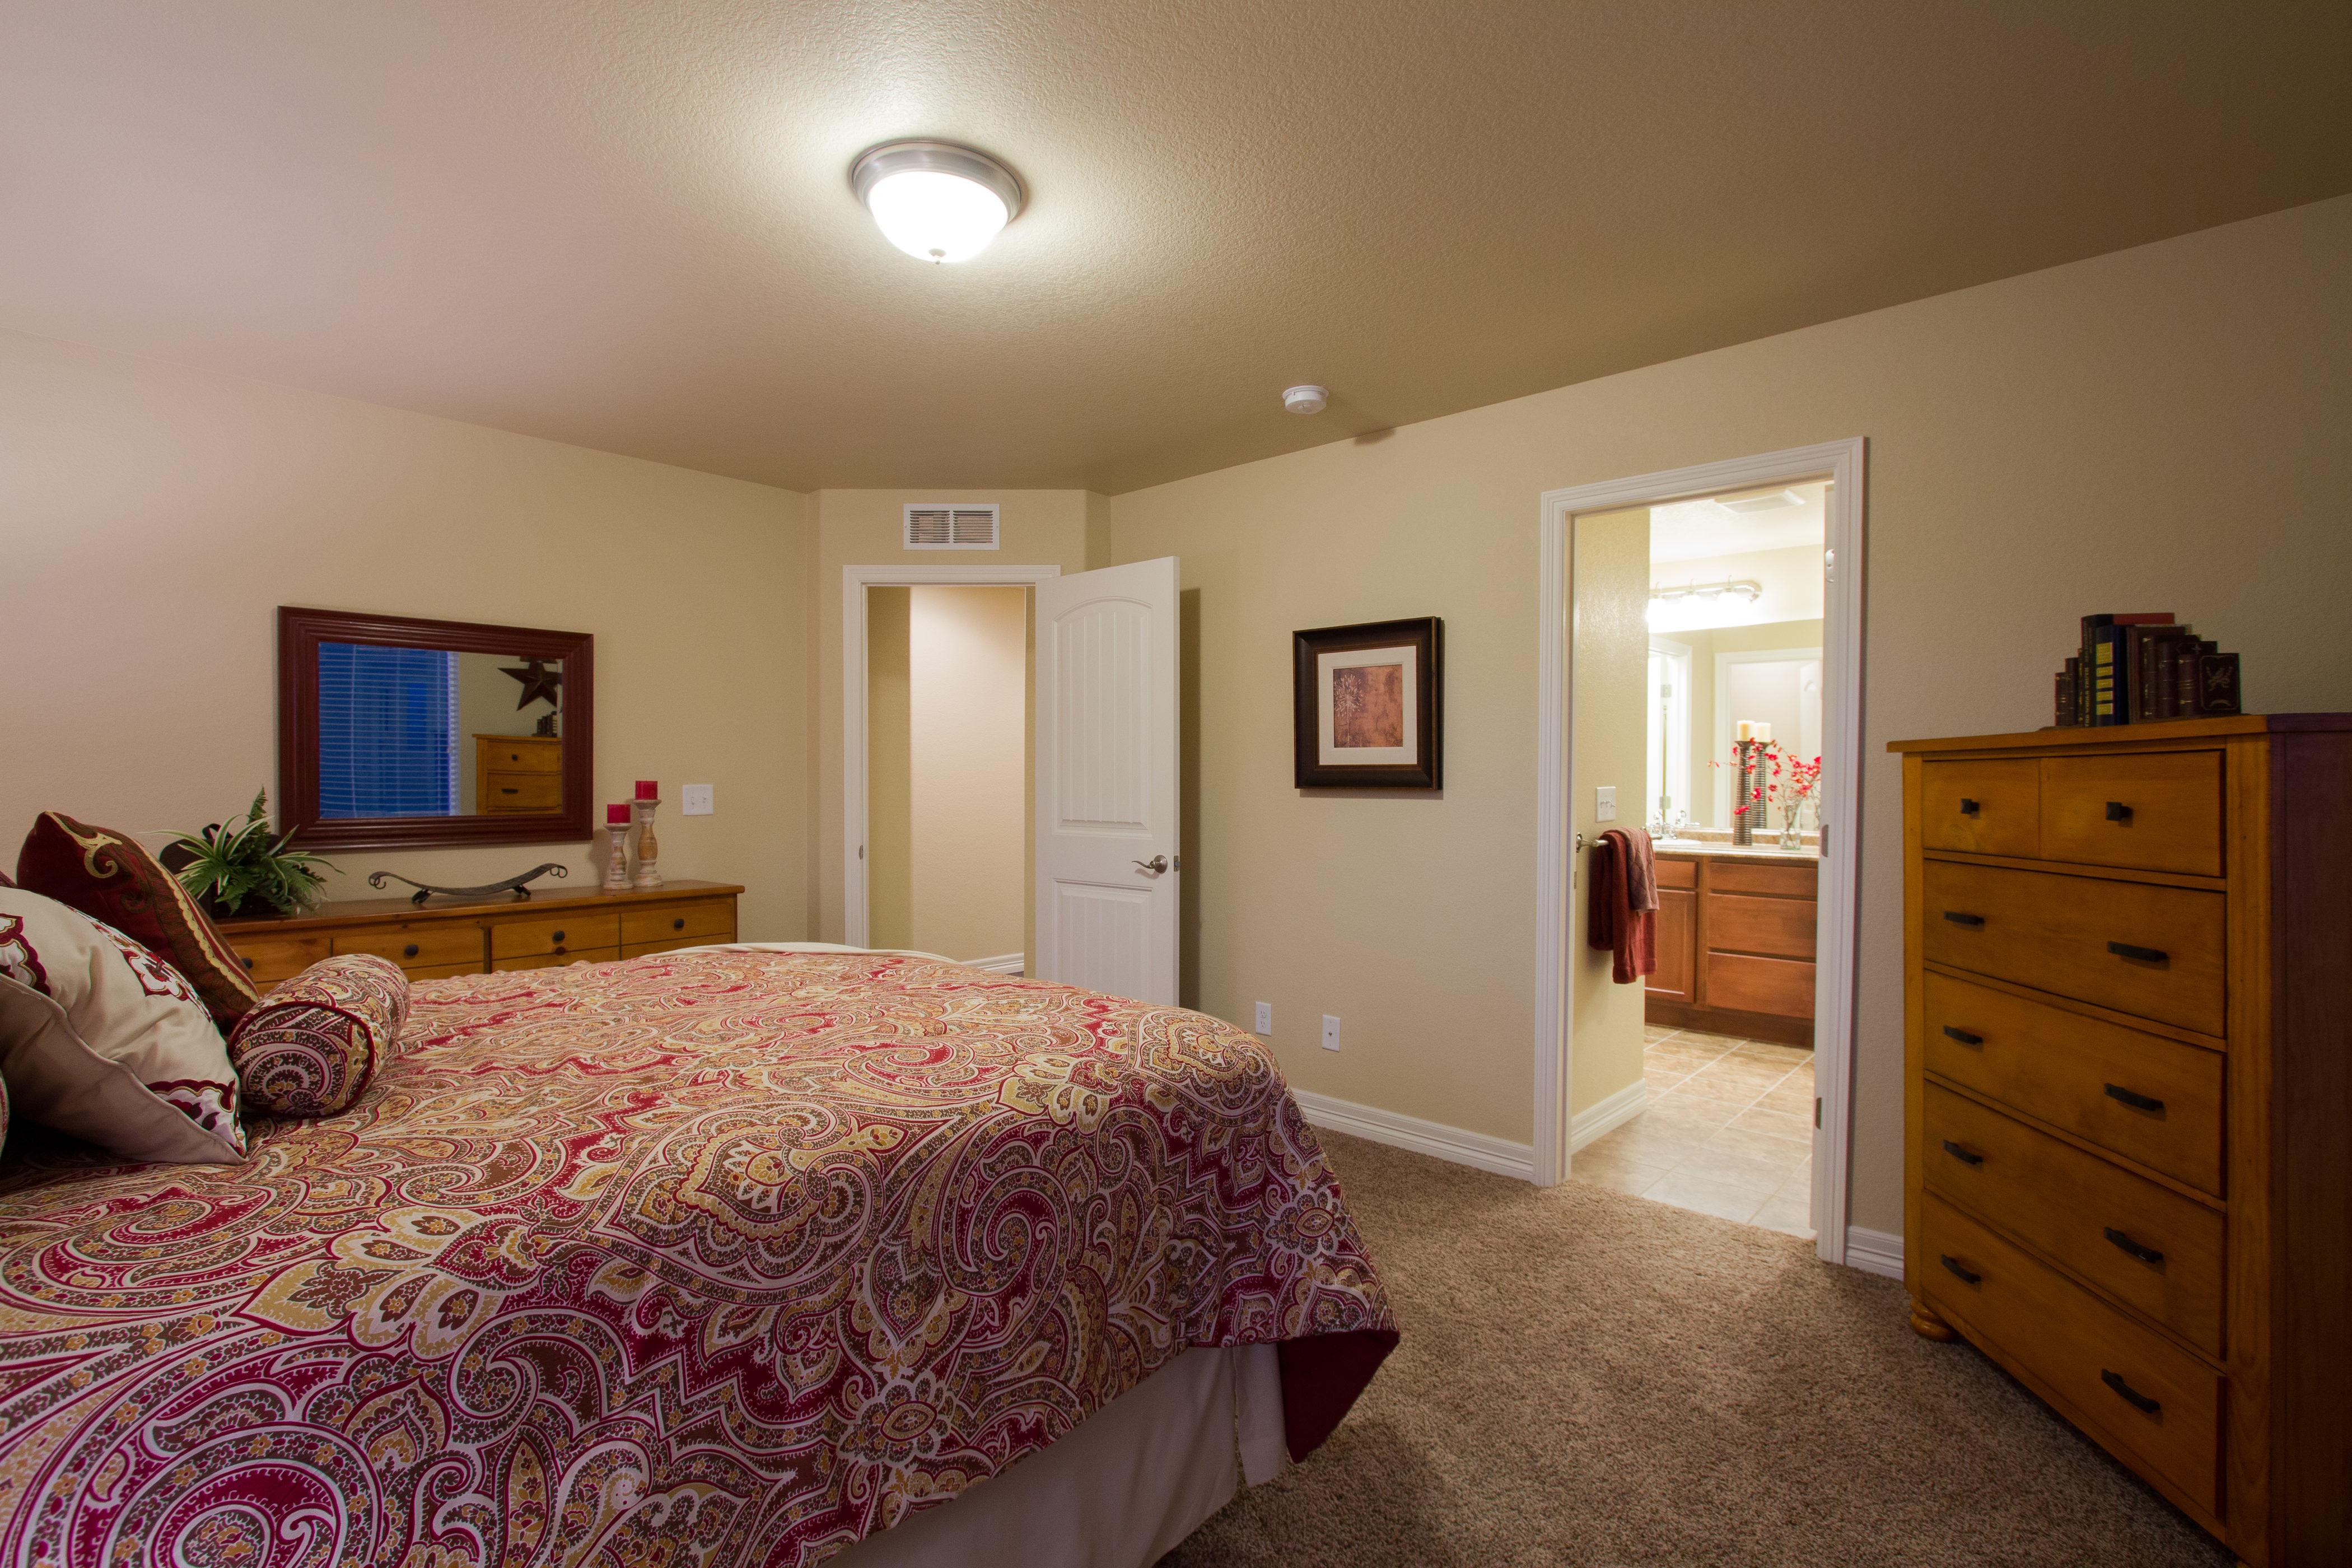 17-silverthorne-milliken-master_bedroom-new_homes_for_sale